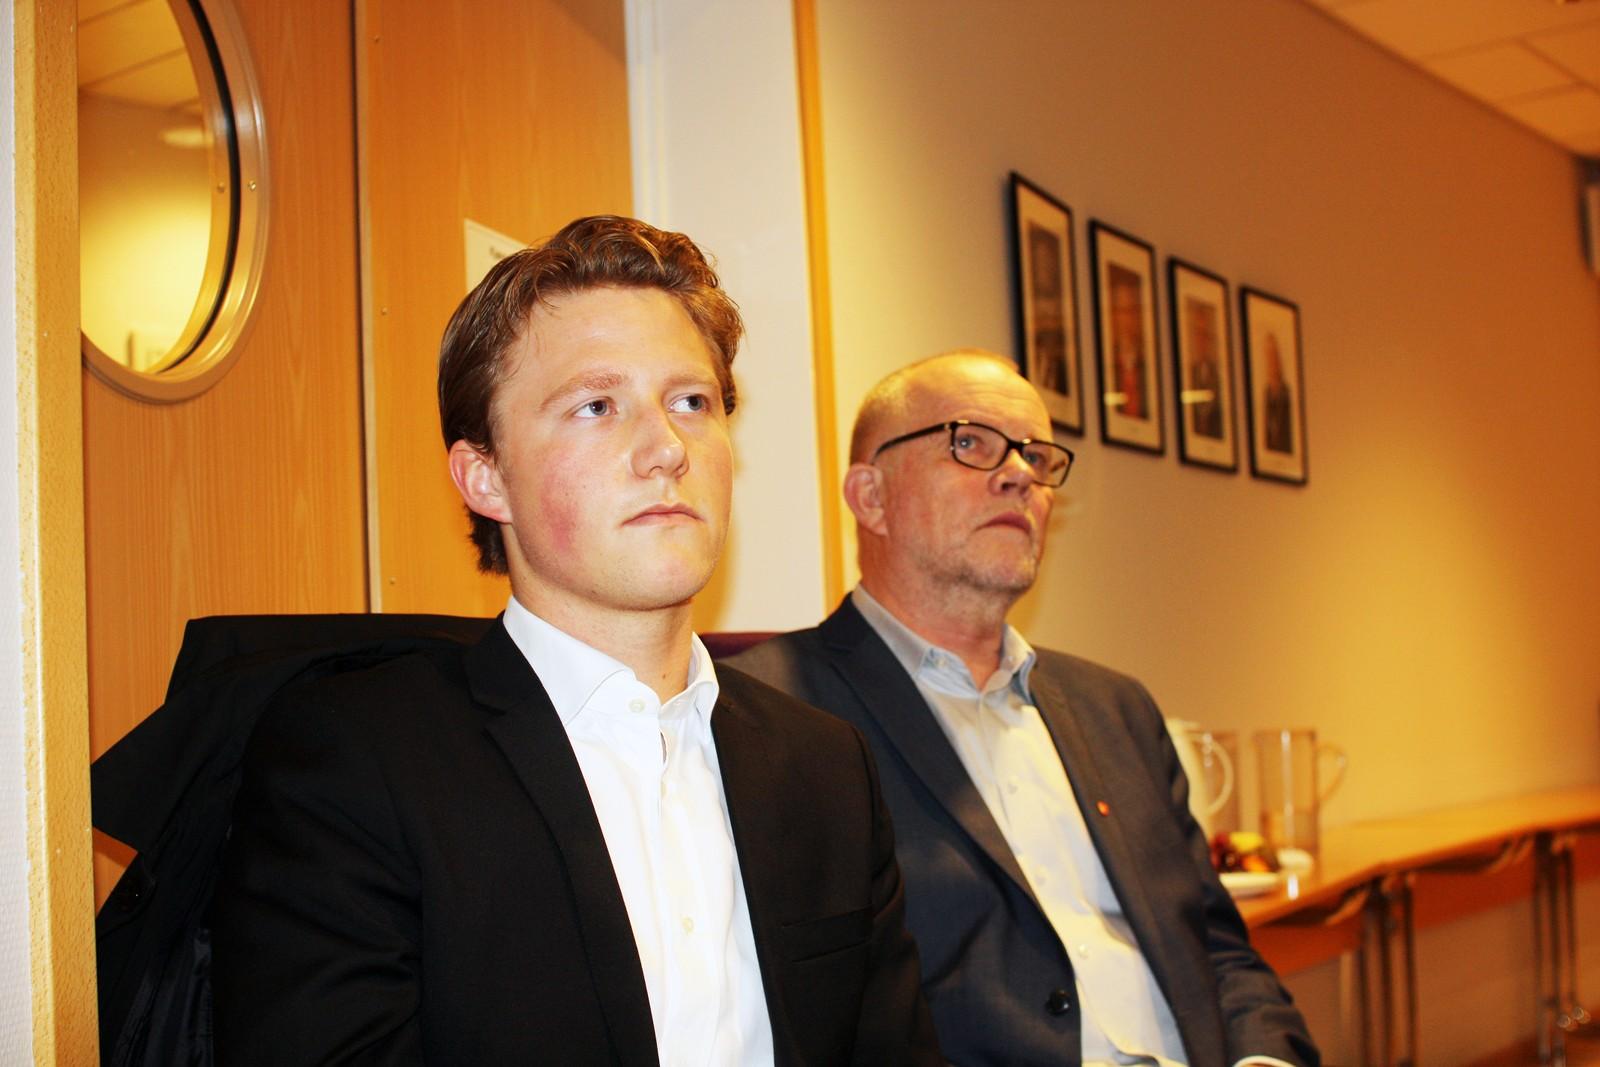 Sekretær Øydis Ziem Rydland, utvalgsleder Emil Gadolin og opplæringsdirektør Svein Heggheim